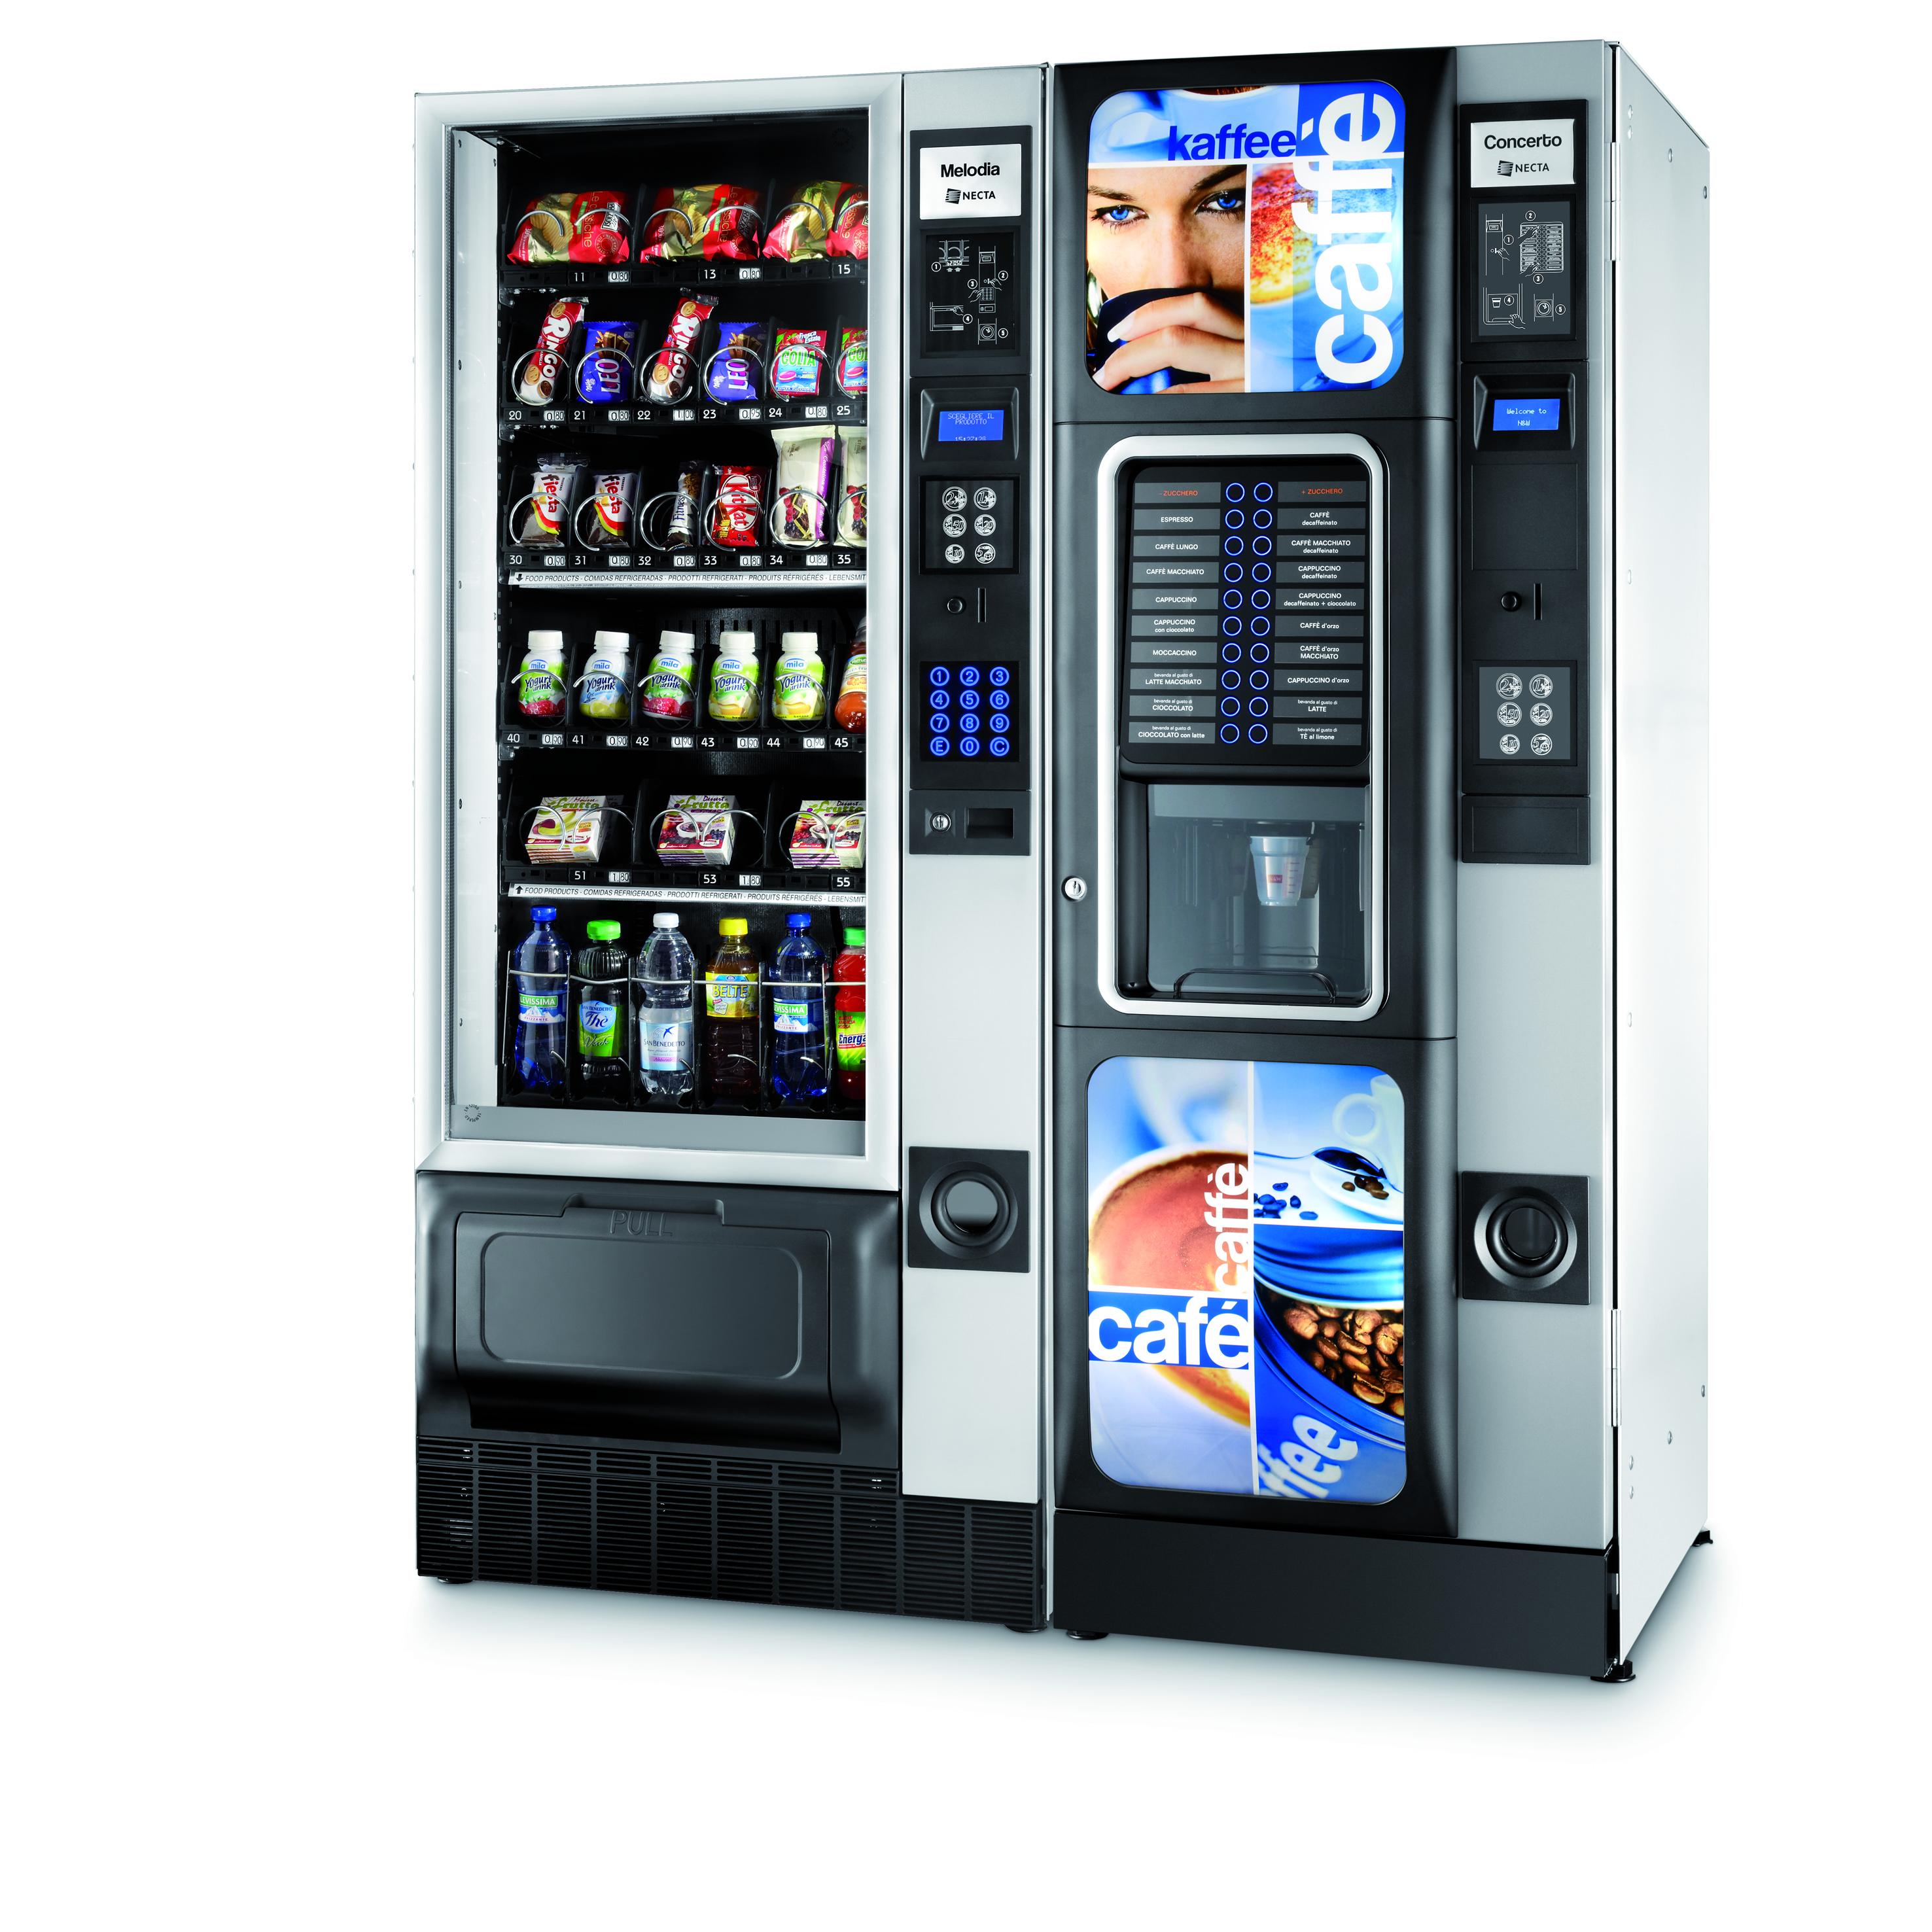 Кофейных автоматов енвд как отказаться от енвд если есть и усн